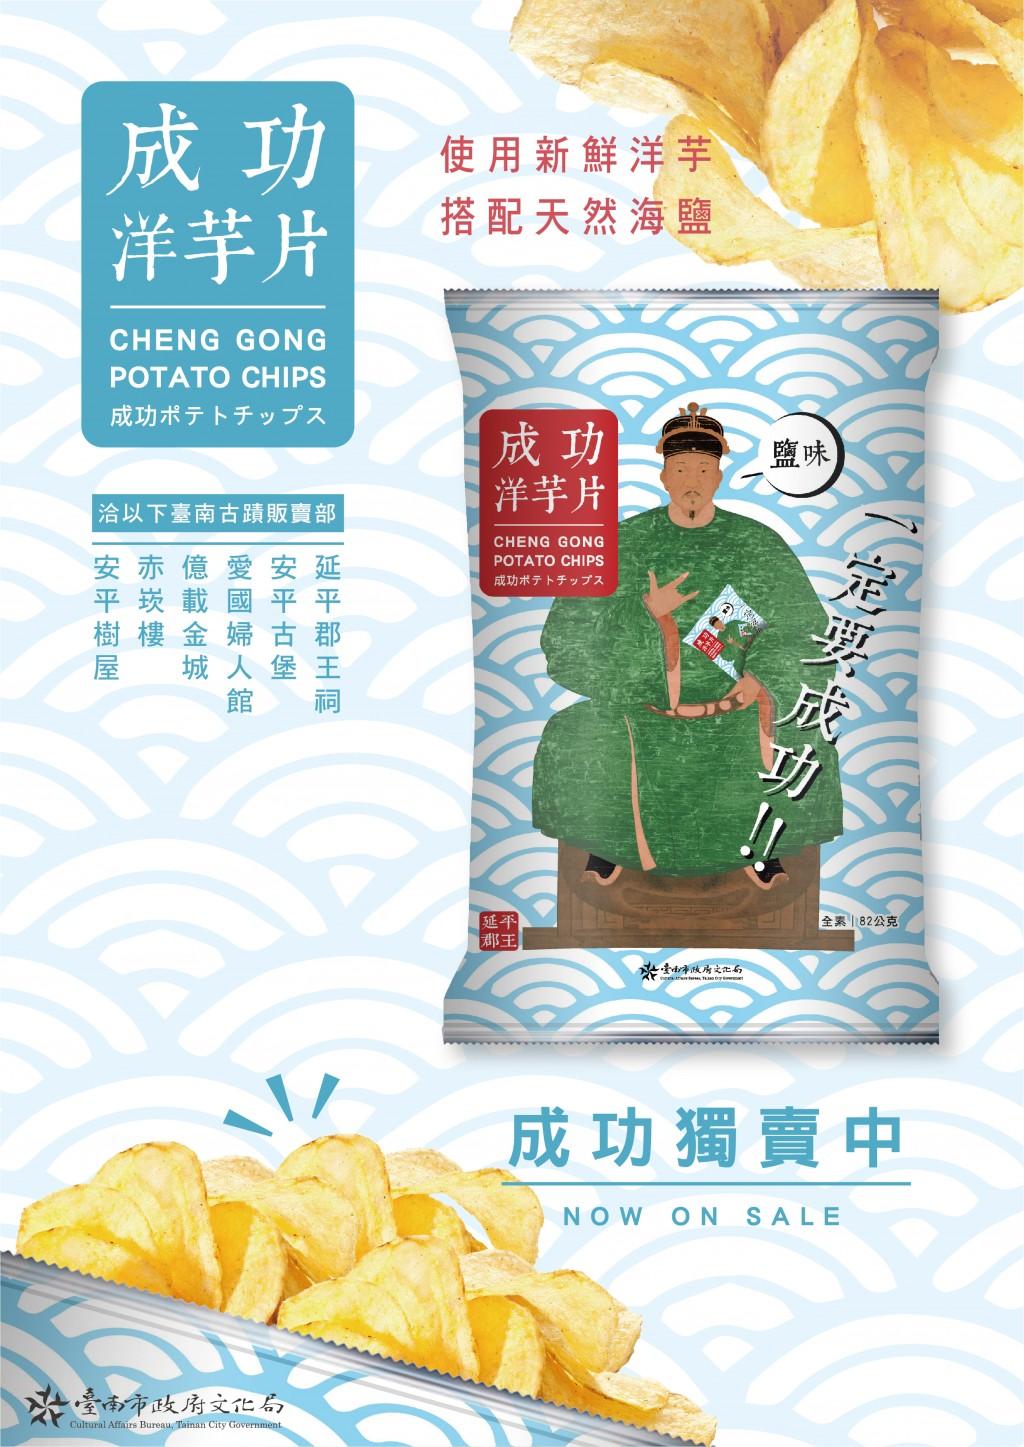 臺南市文化局推出「成功洋芋片」,噱頭十足 (圖片來源:臺南市文化局提供)